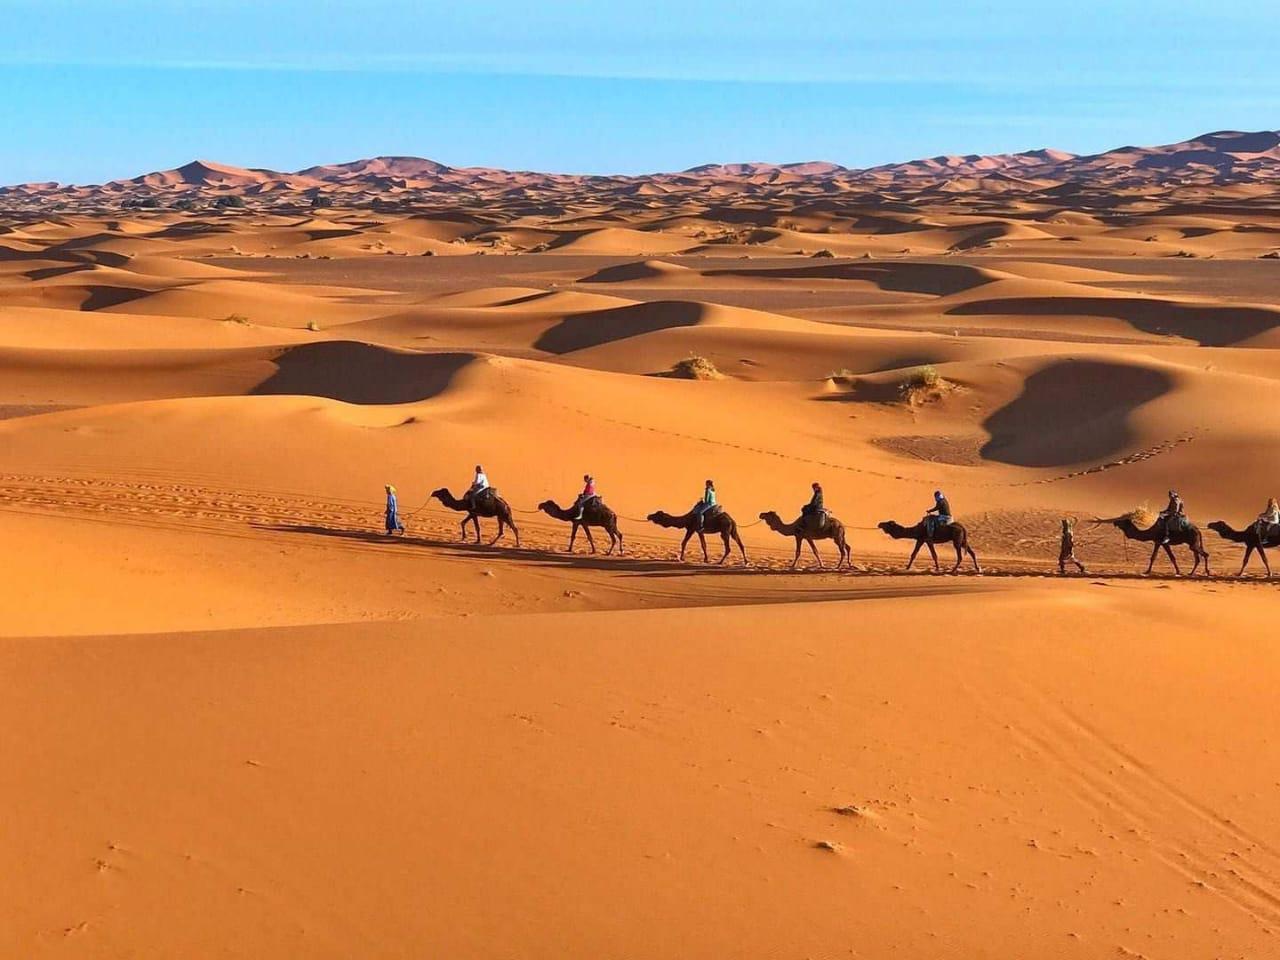 camel trekking in Merzouga desert